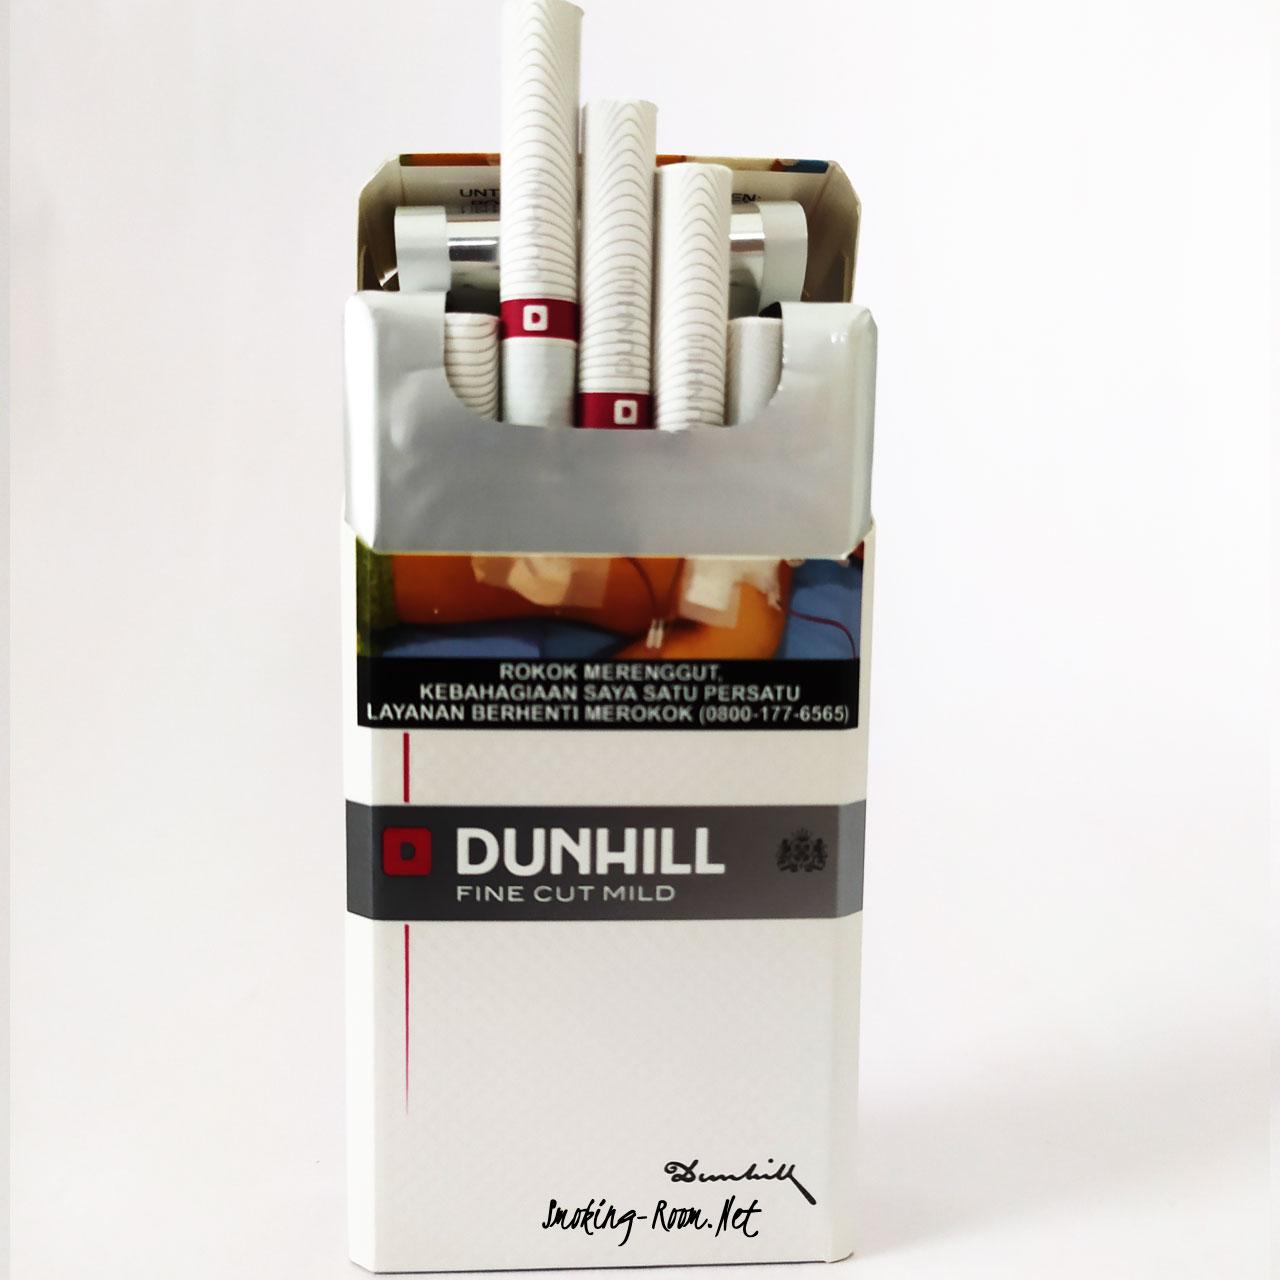 Dunhill Fine Cut Mild 02